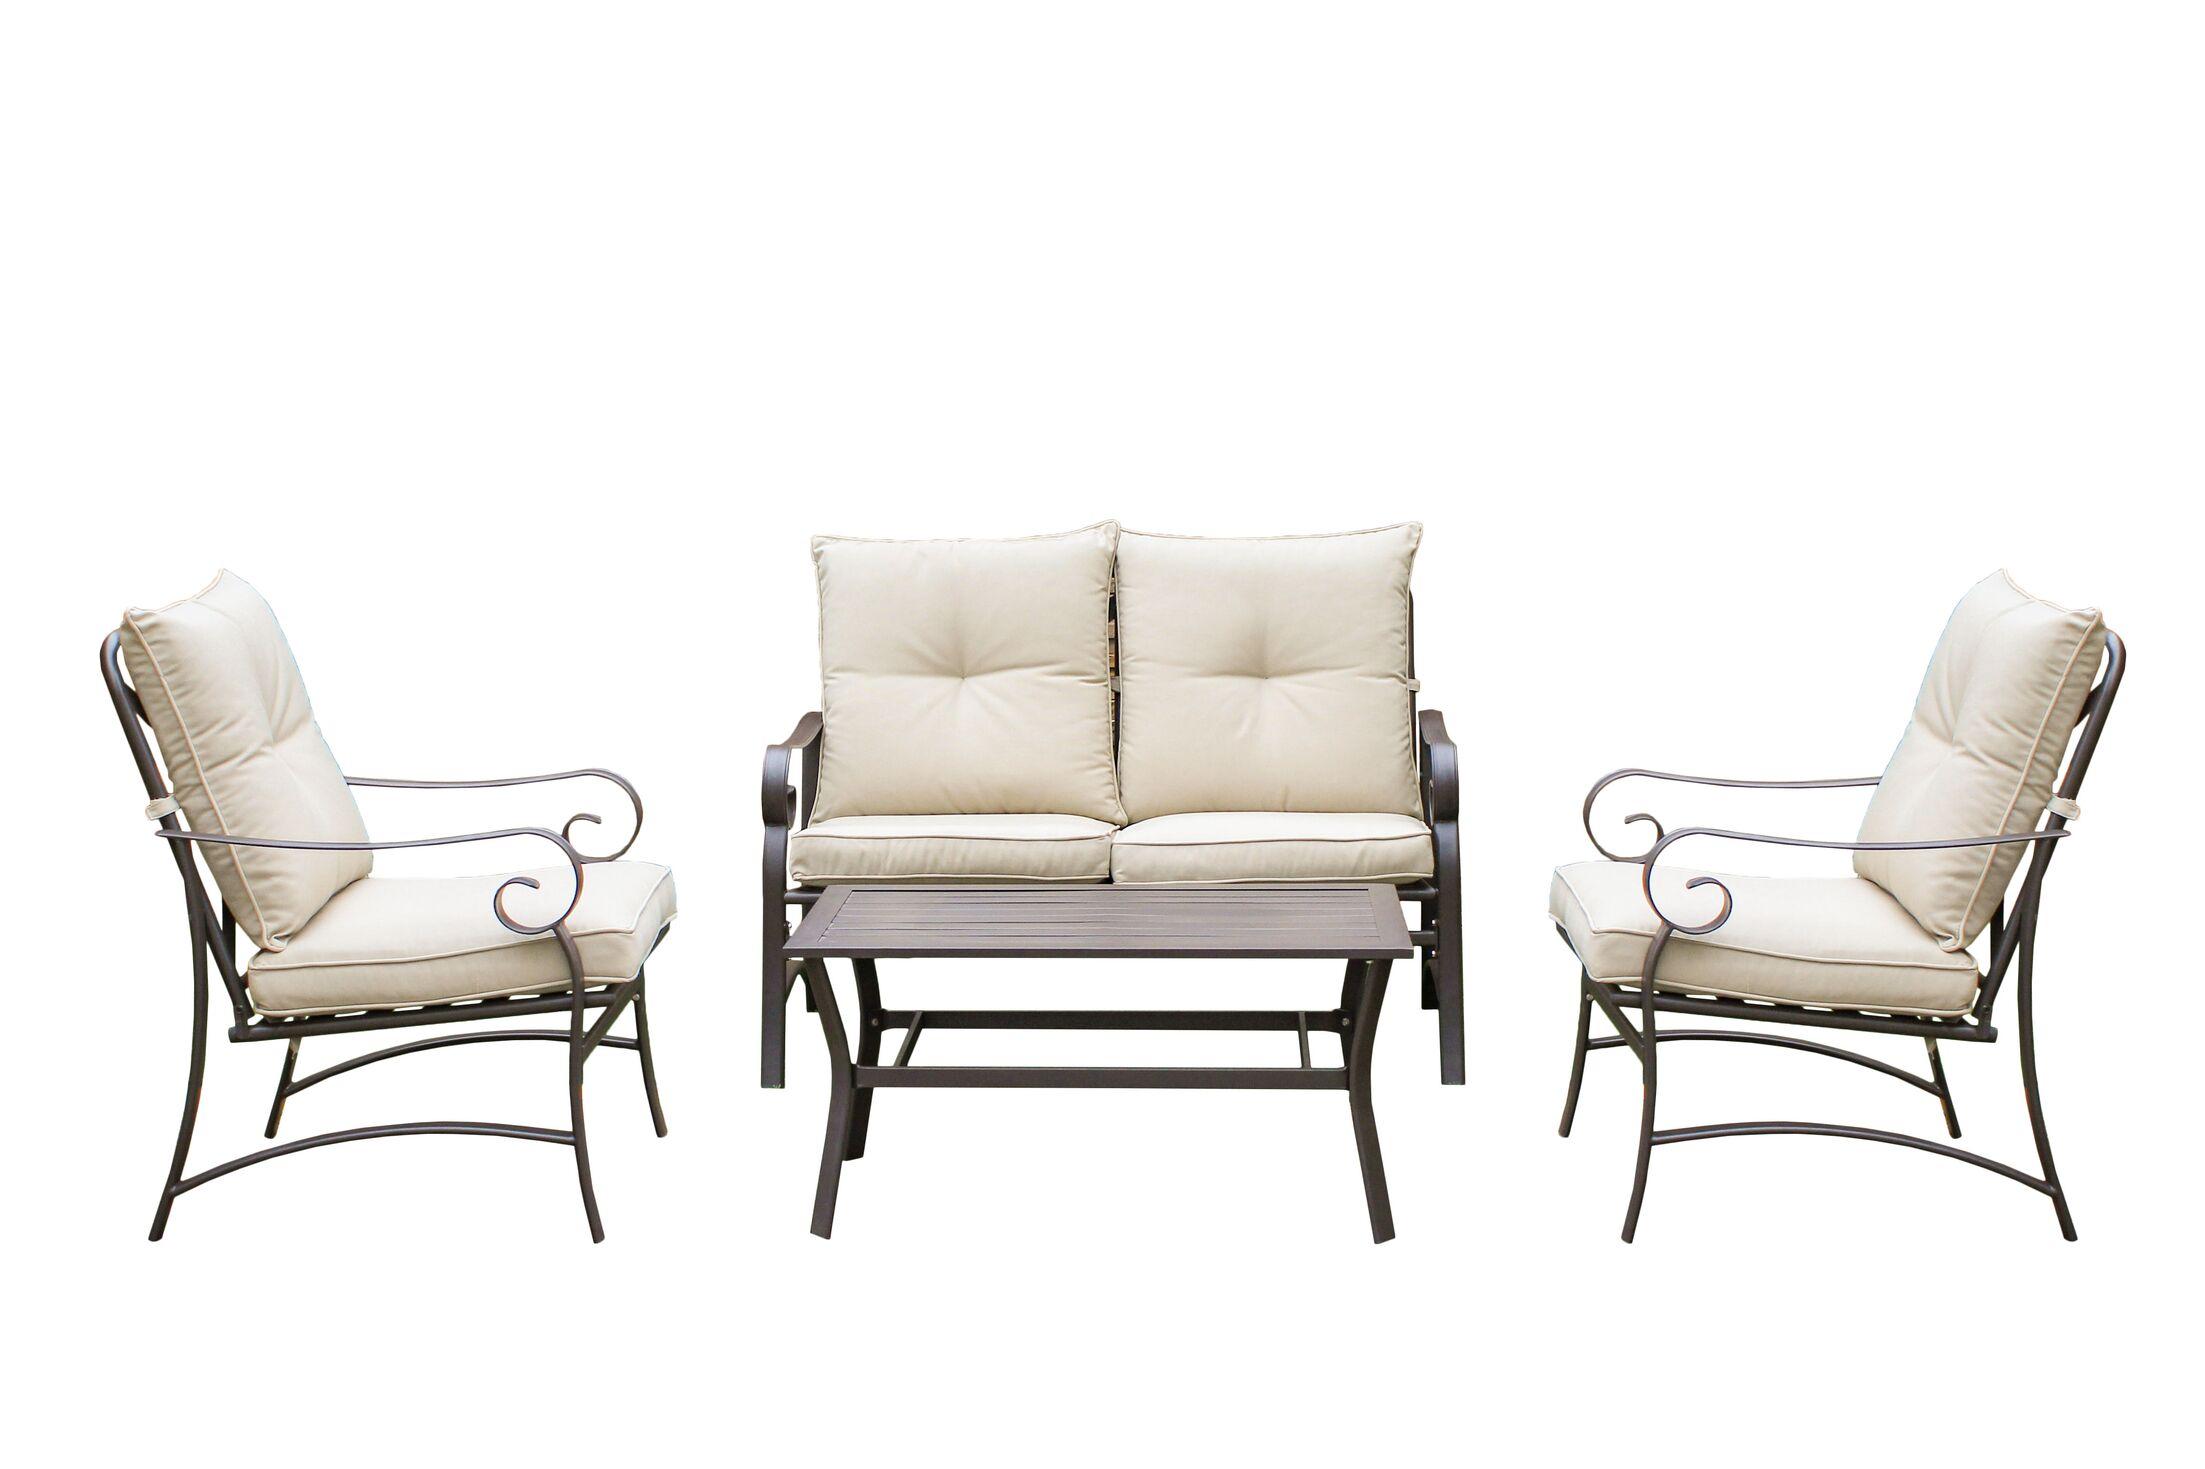 Tony 4 Piece Sofa Set with Cushions